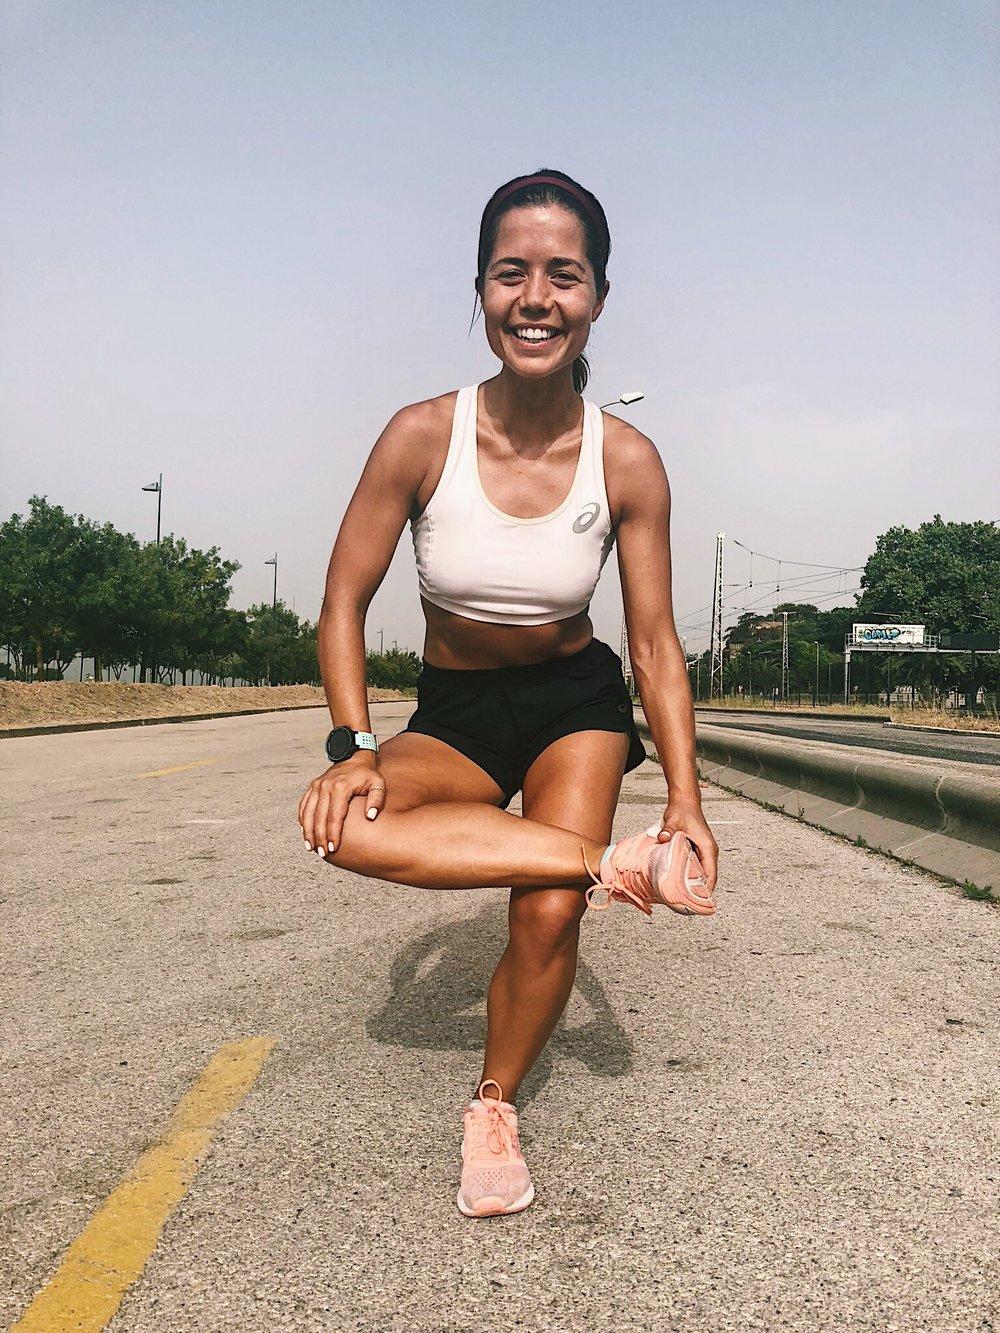 Glúteos. Nesta posição promove-se a rotação externa da articulação coxo-femoral aplicando força descendente na região interna do joelho e ascendente na articulação tibiotársica. -